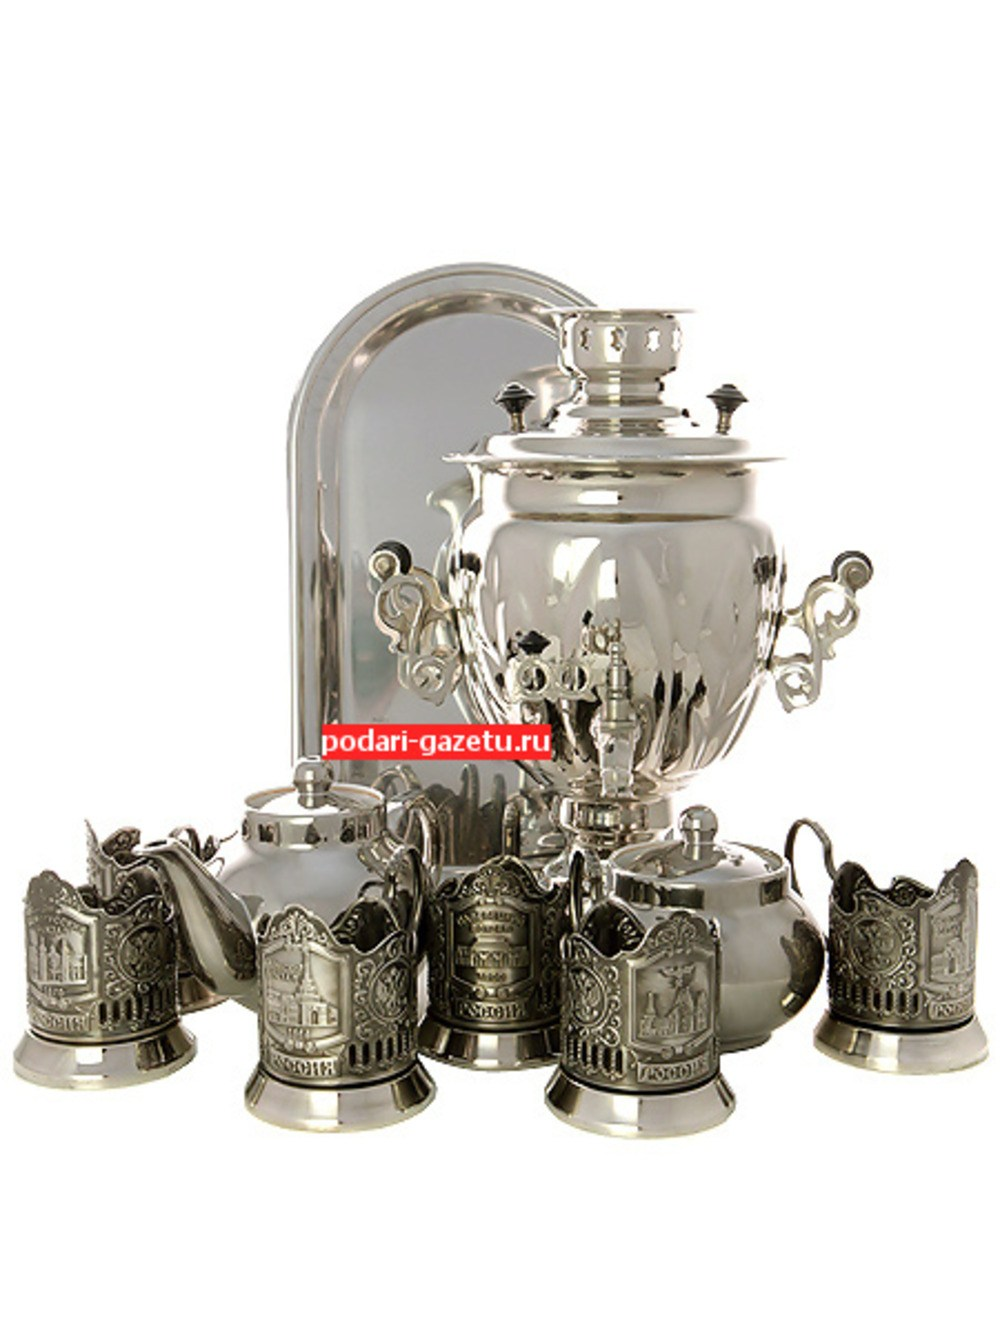 Набор Серебряная фантазия: самовар электрический на 3 литра никелированный с подстаканниками Вокзалы Москвы